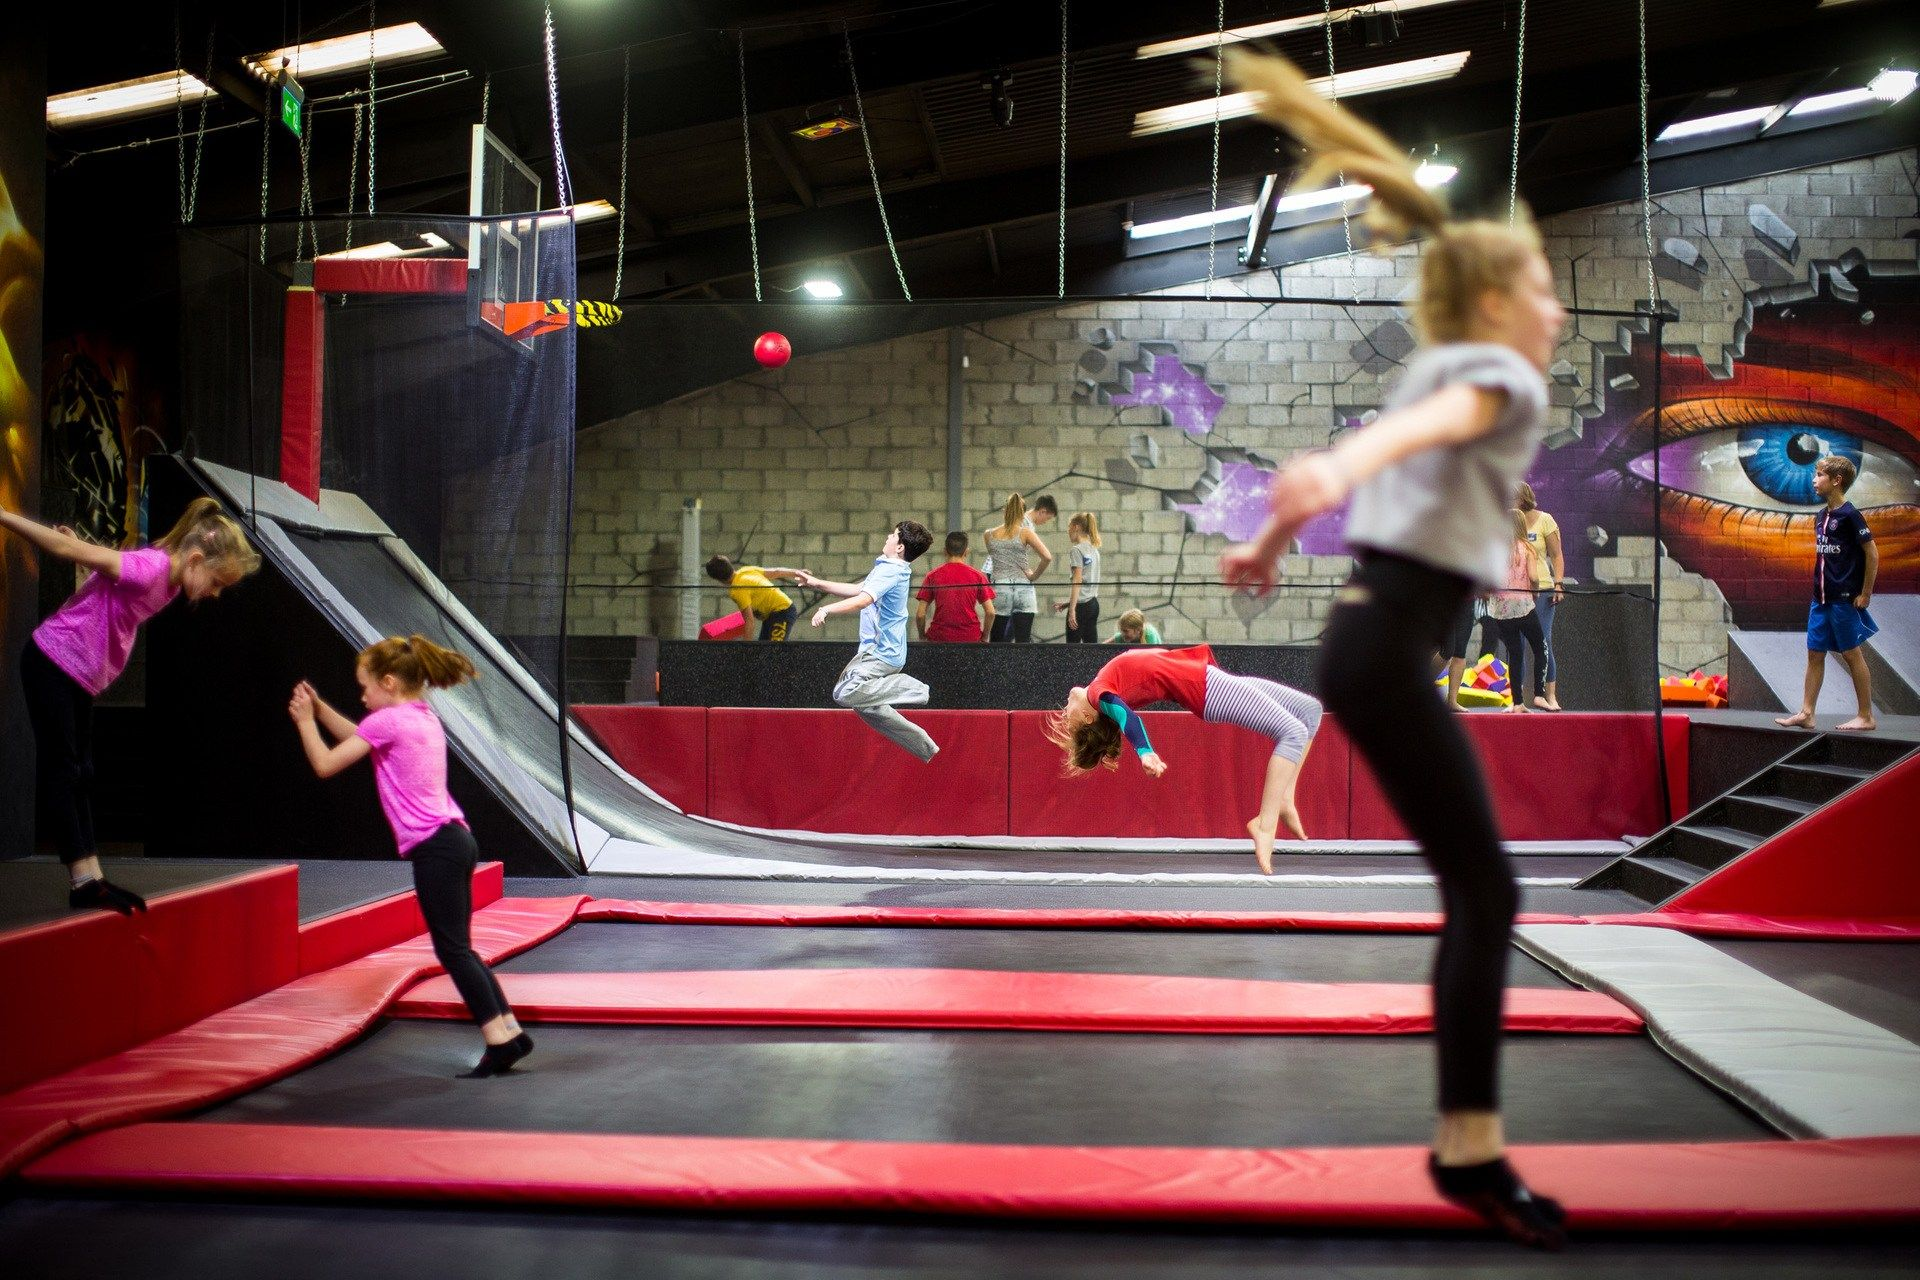 Defy Orlando Defy Trampoline Parks Trampoline Park Trampoline Indoor Trampoline